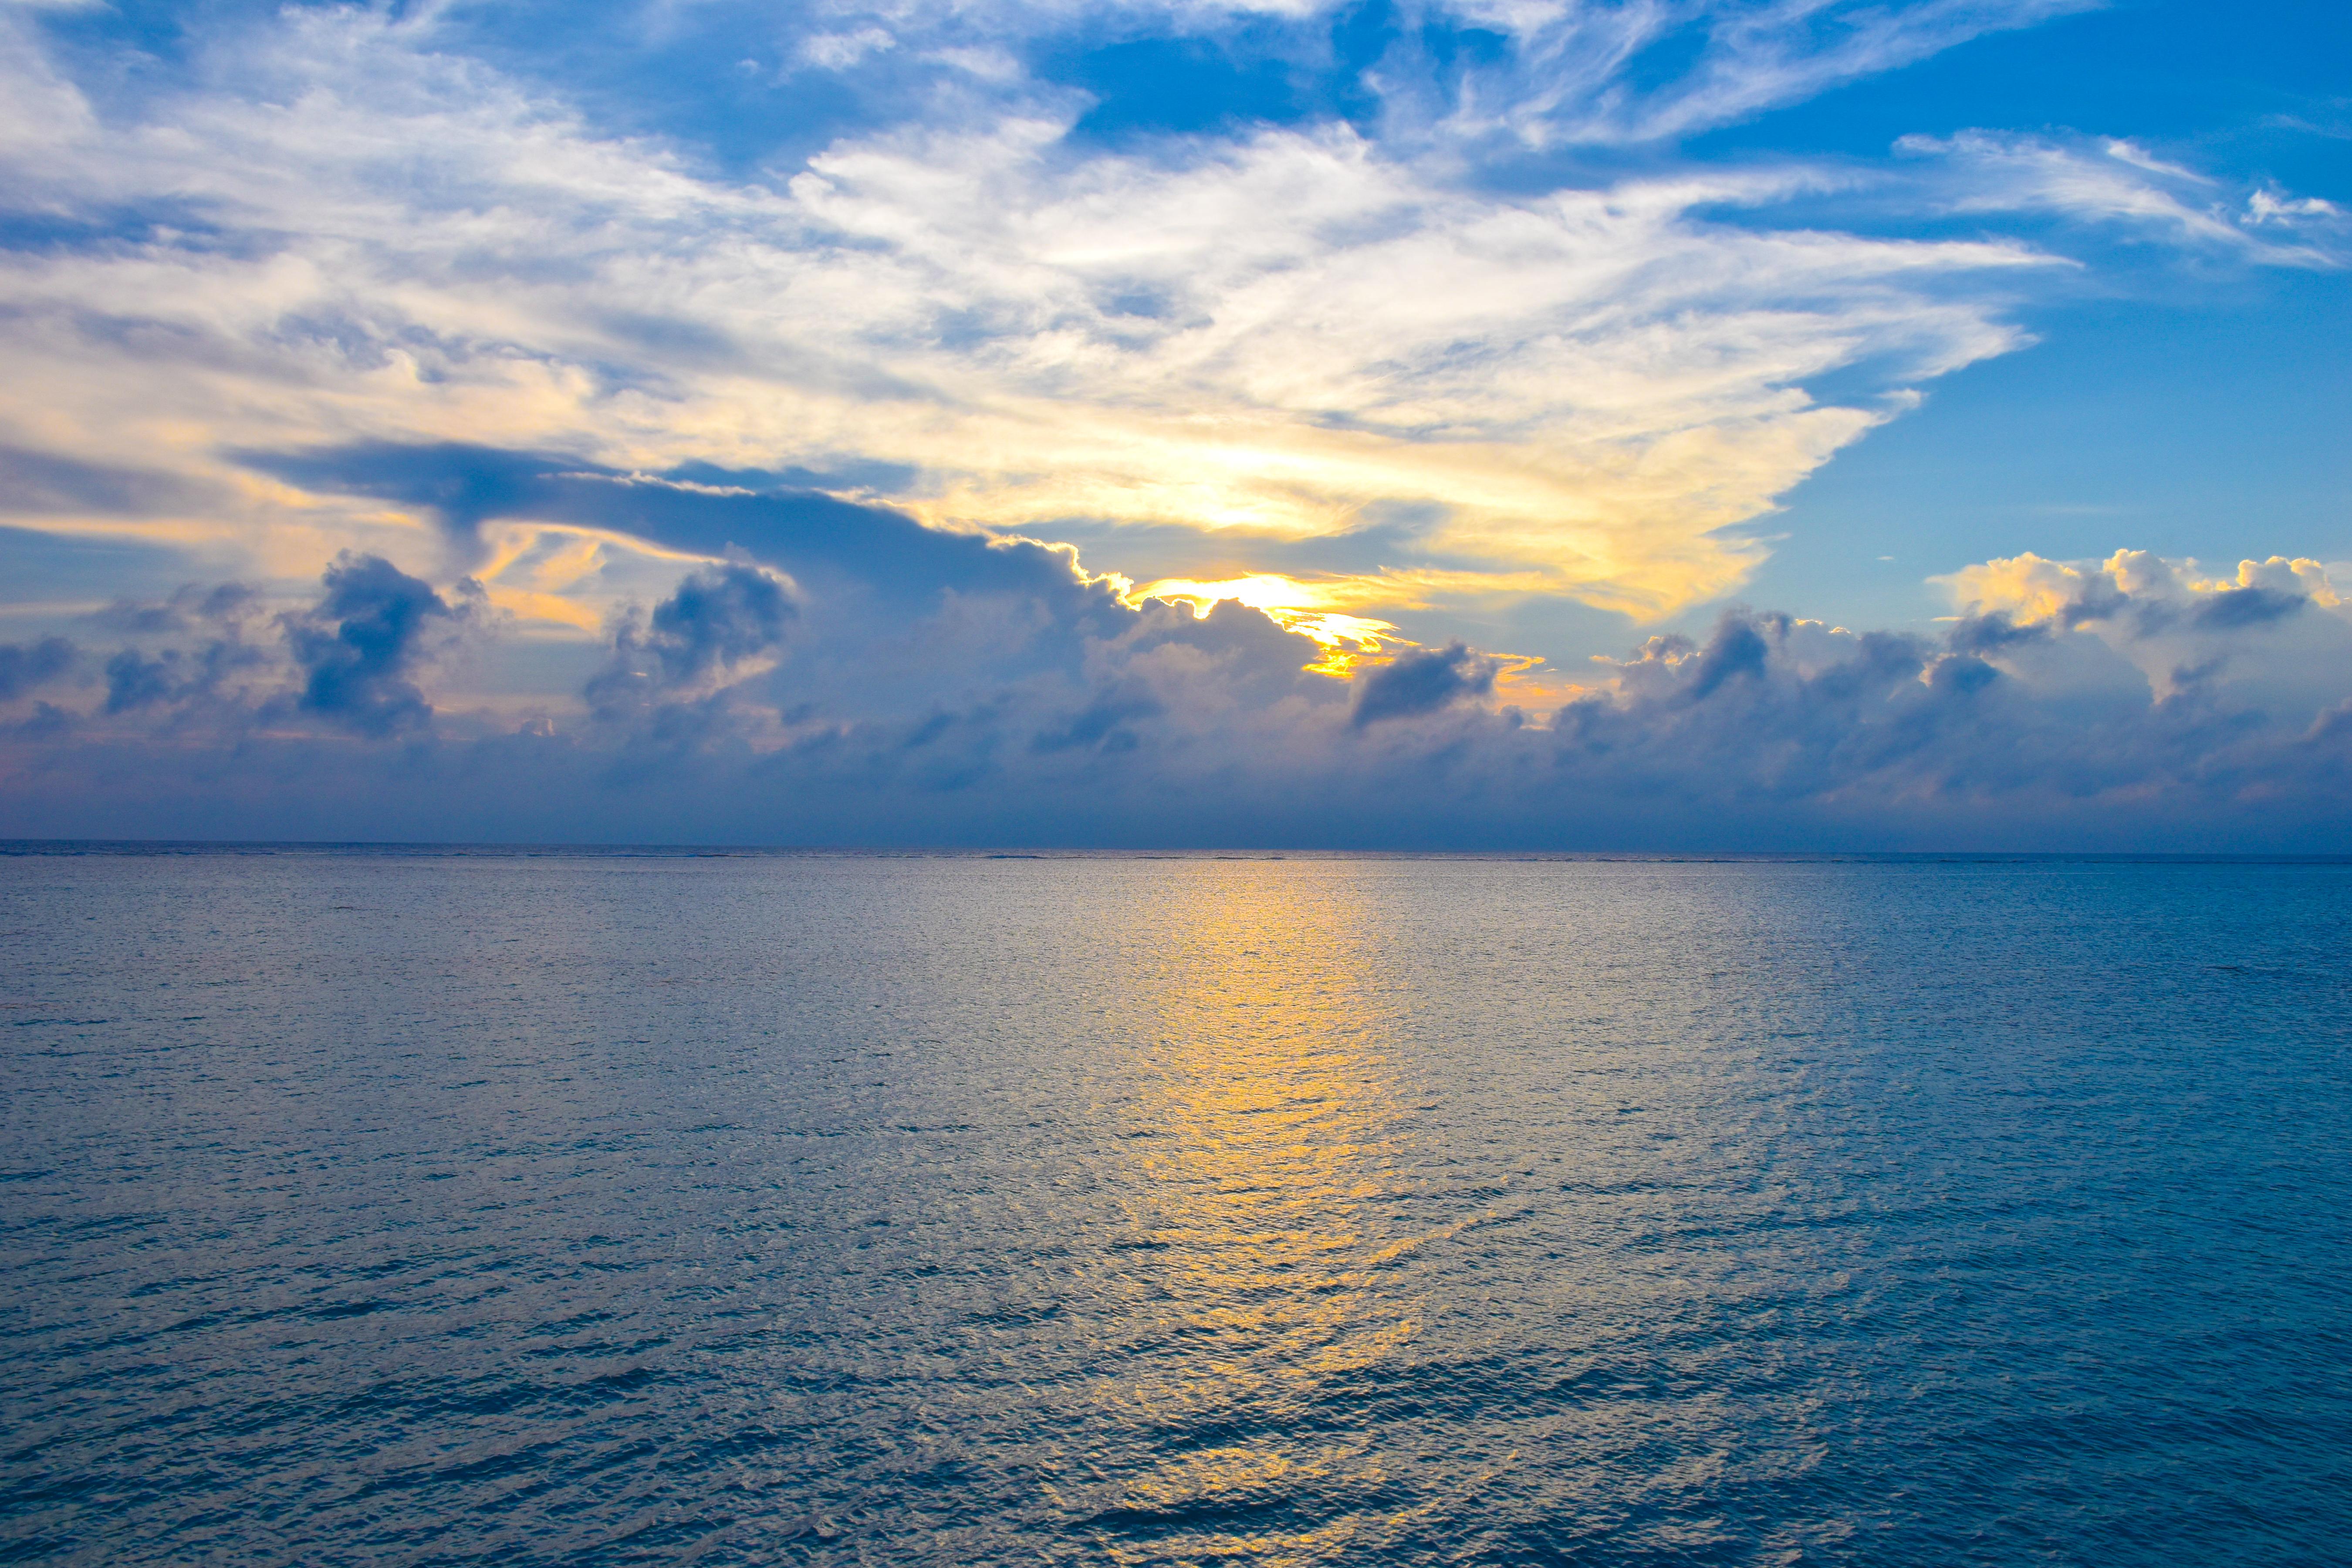 宮古島のシュノーケリングのサンセットビーチの夕日